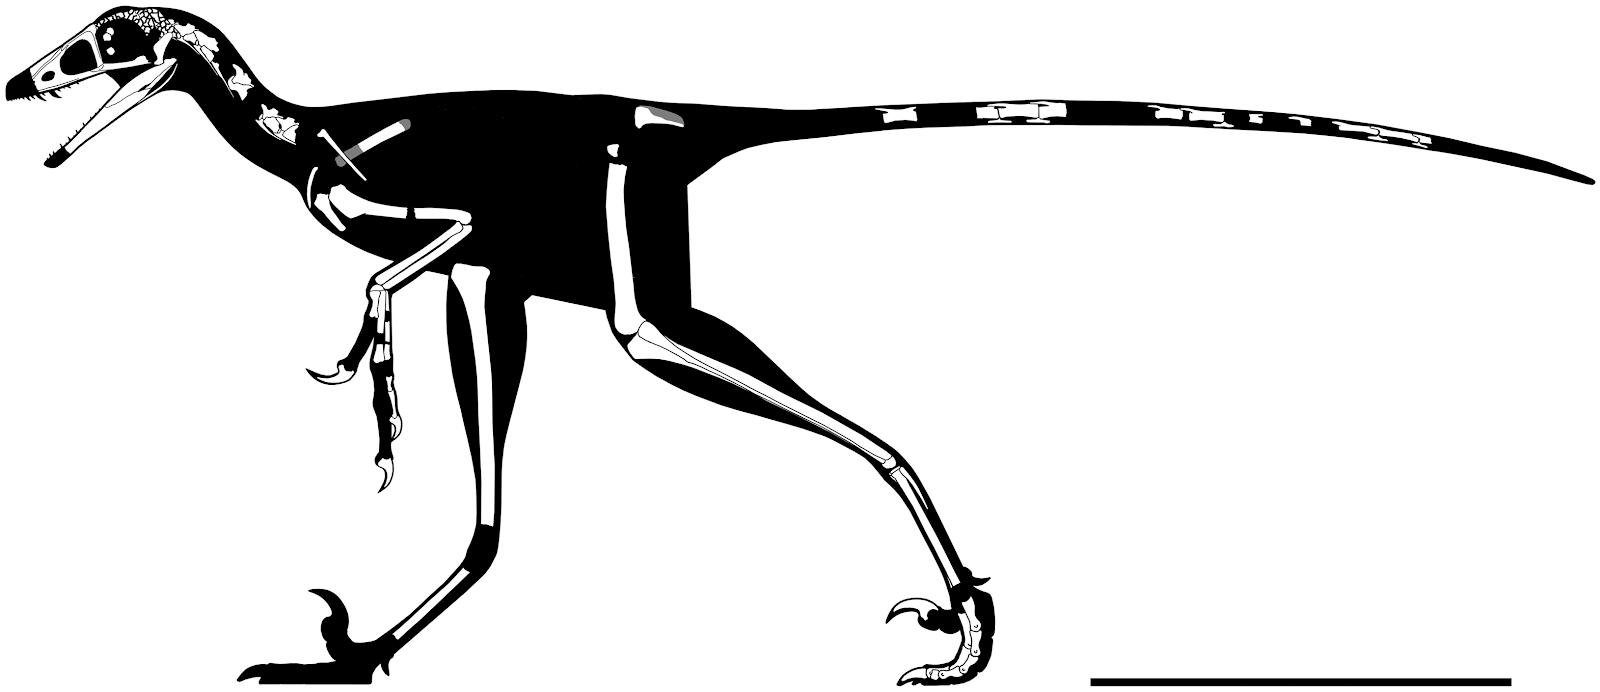 hesperornithoides_csontvaz-rekonstrukcio_scott_hartman.jpg